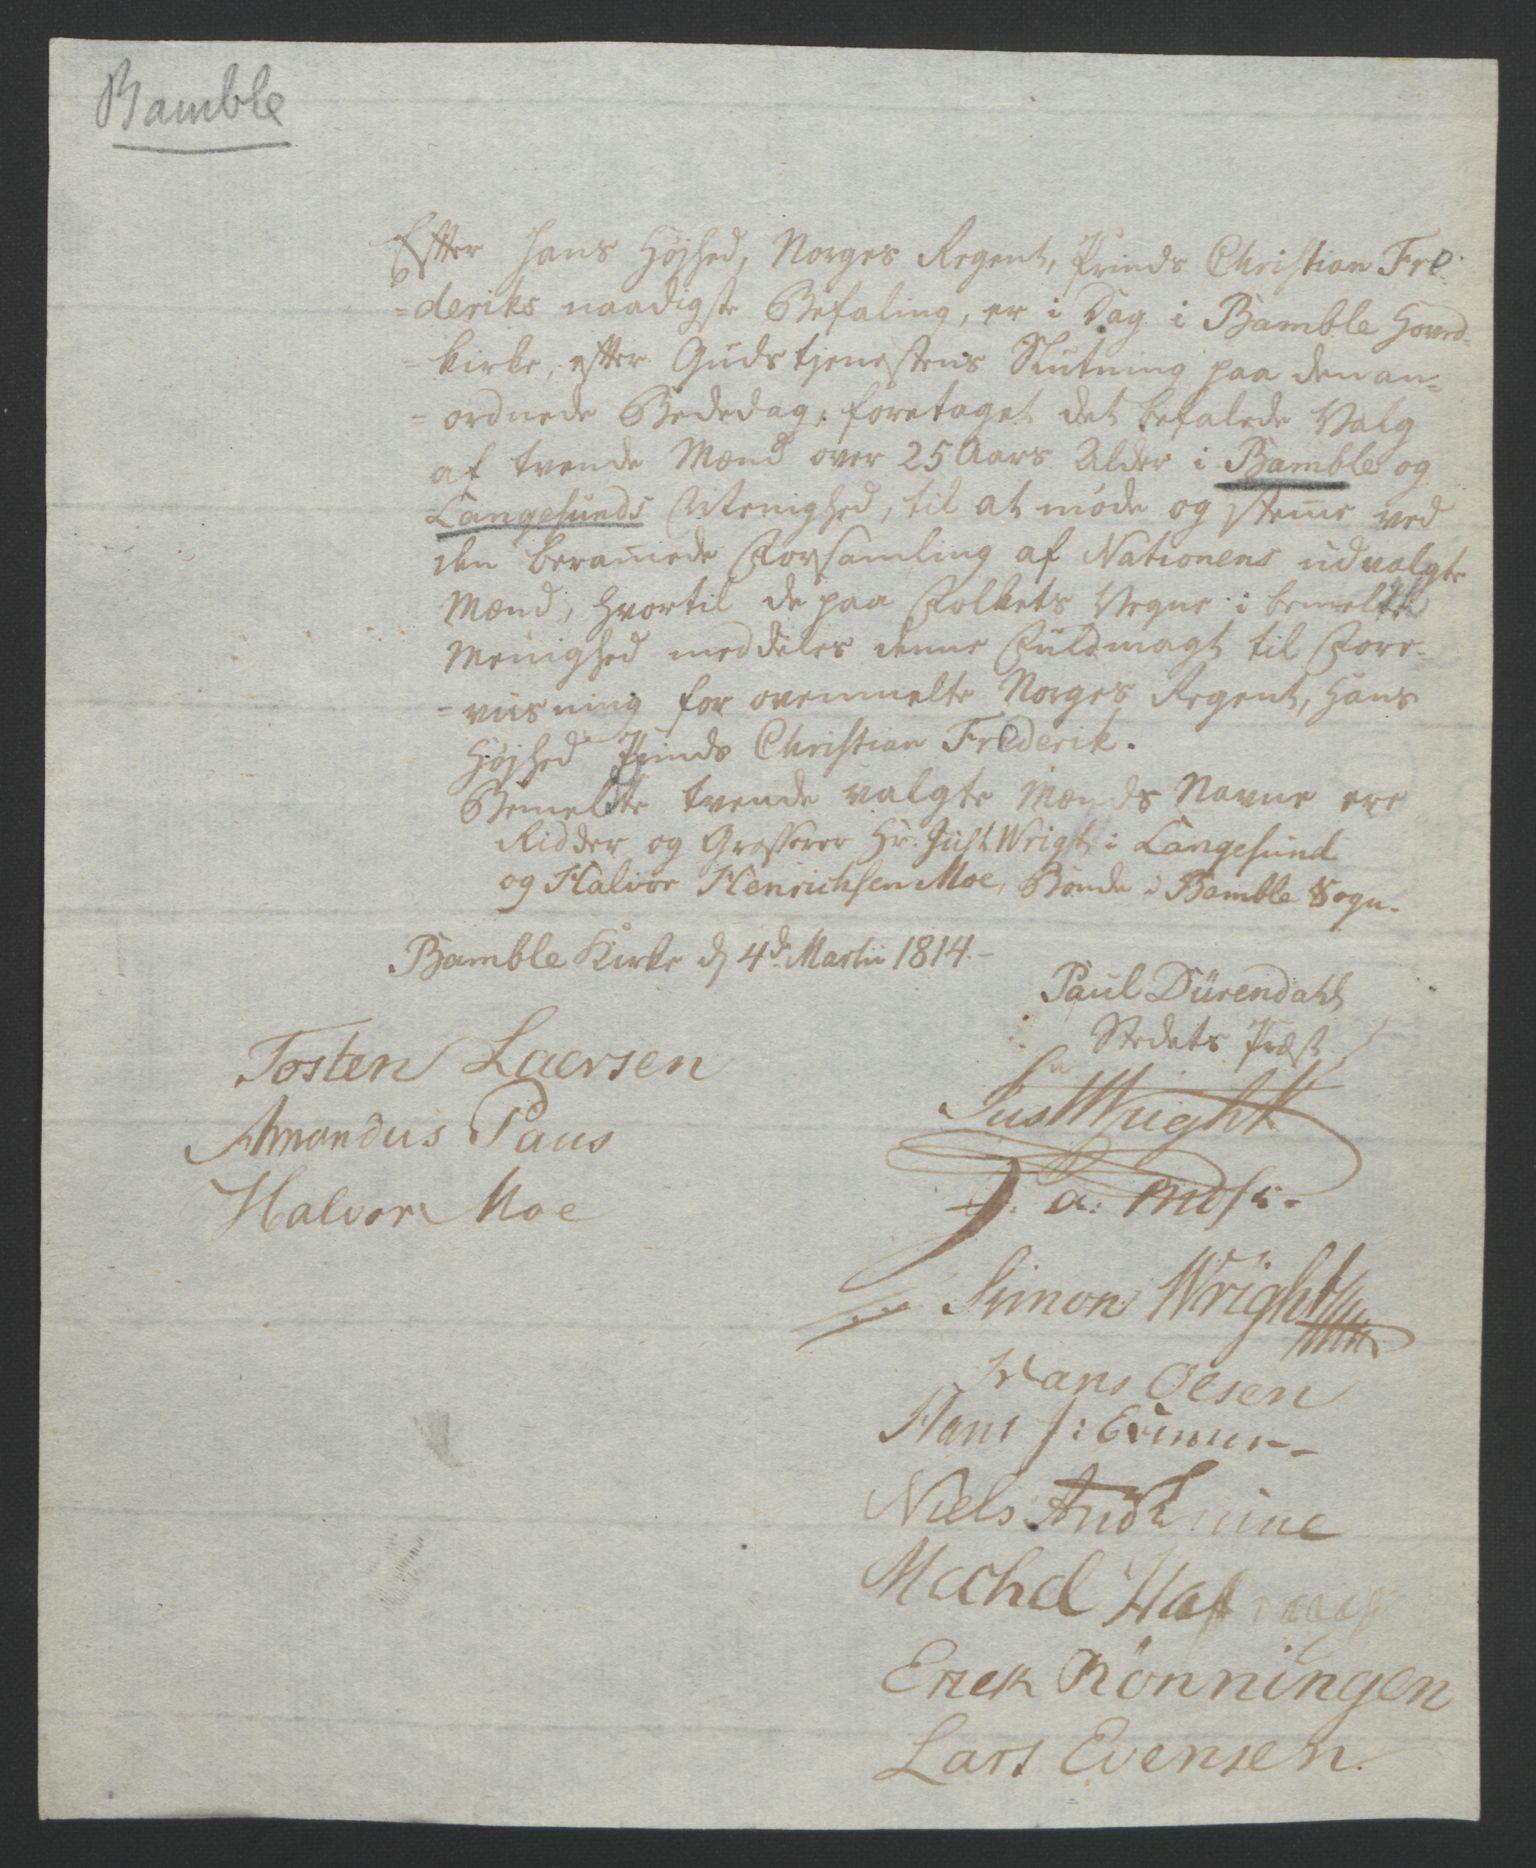 RA, Statsrådssekretariatet, D/Db/L0008: Fullmakter for Eidsvollsrepresentantene i 1814. , 1814, s. 40